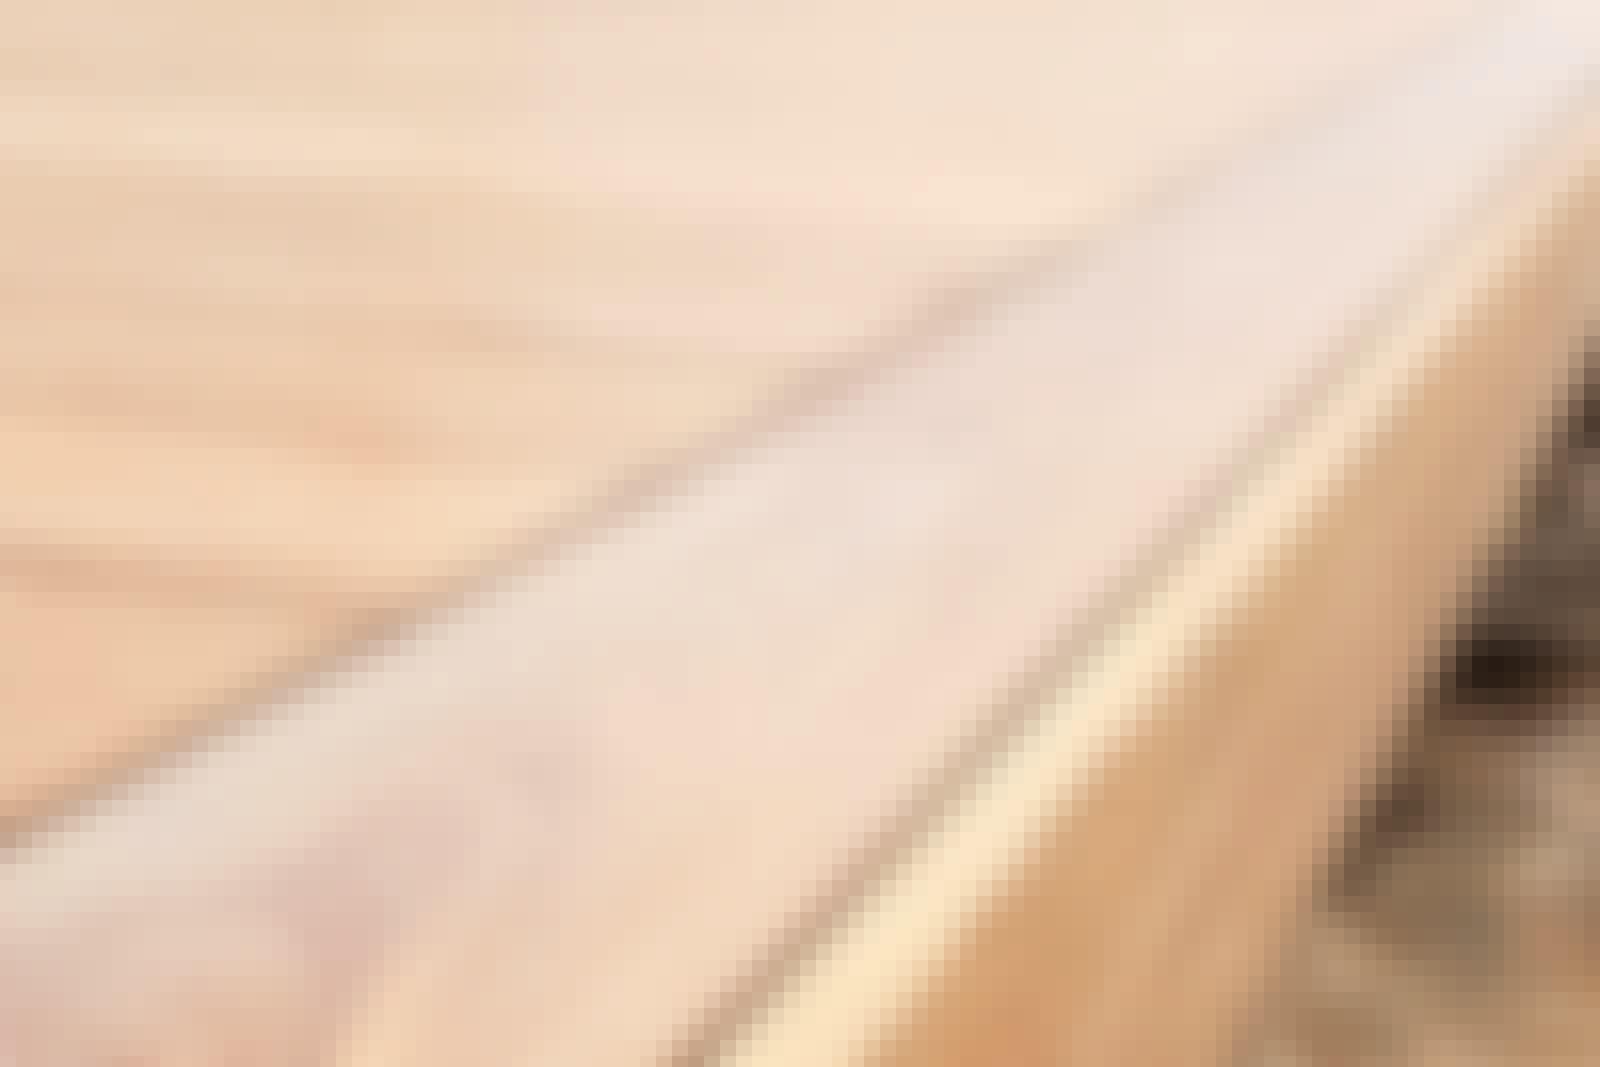 Dette dekkbordet flukter med overkanten på terrassegulvet og gir en ekstra flott finish.